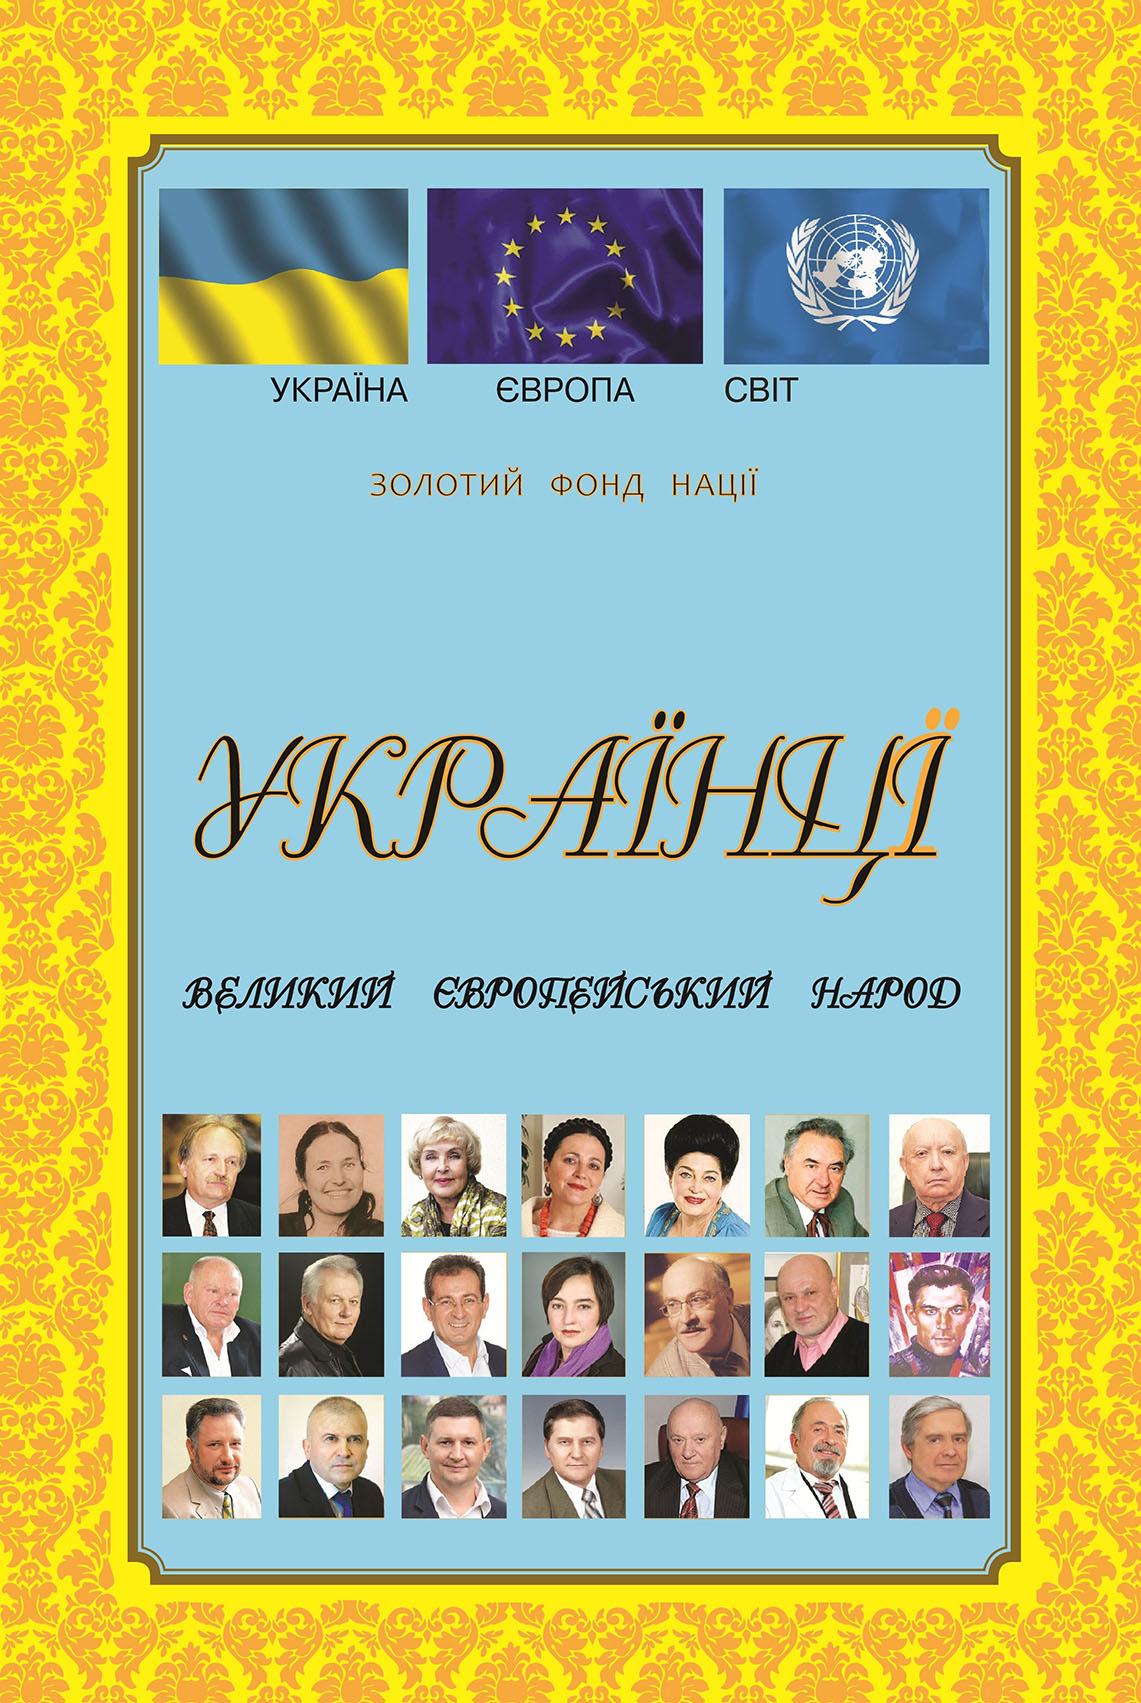 Золотий фонд нації. Національні лідери України